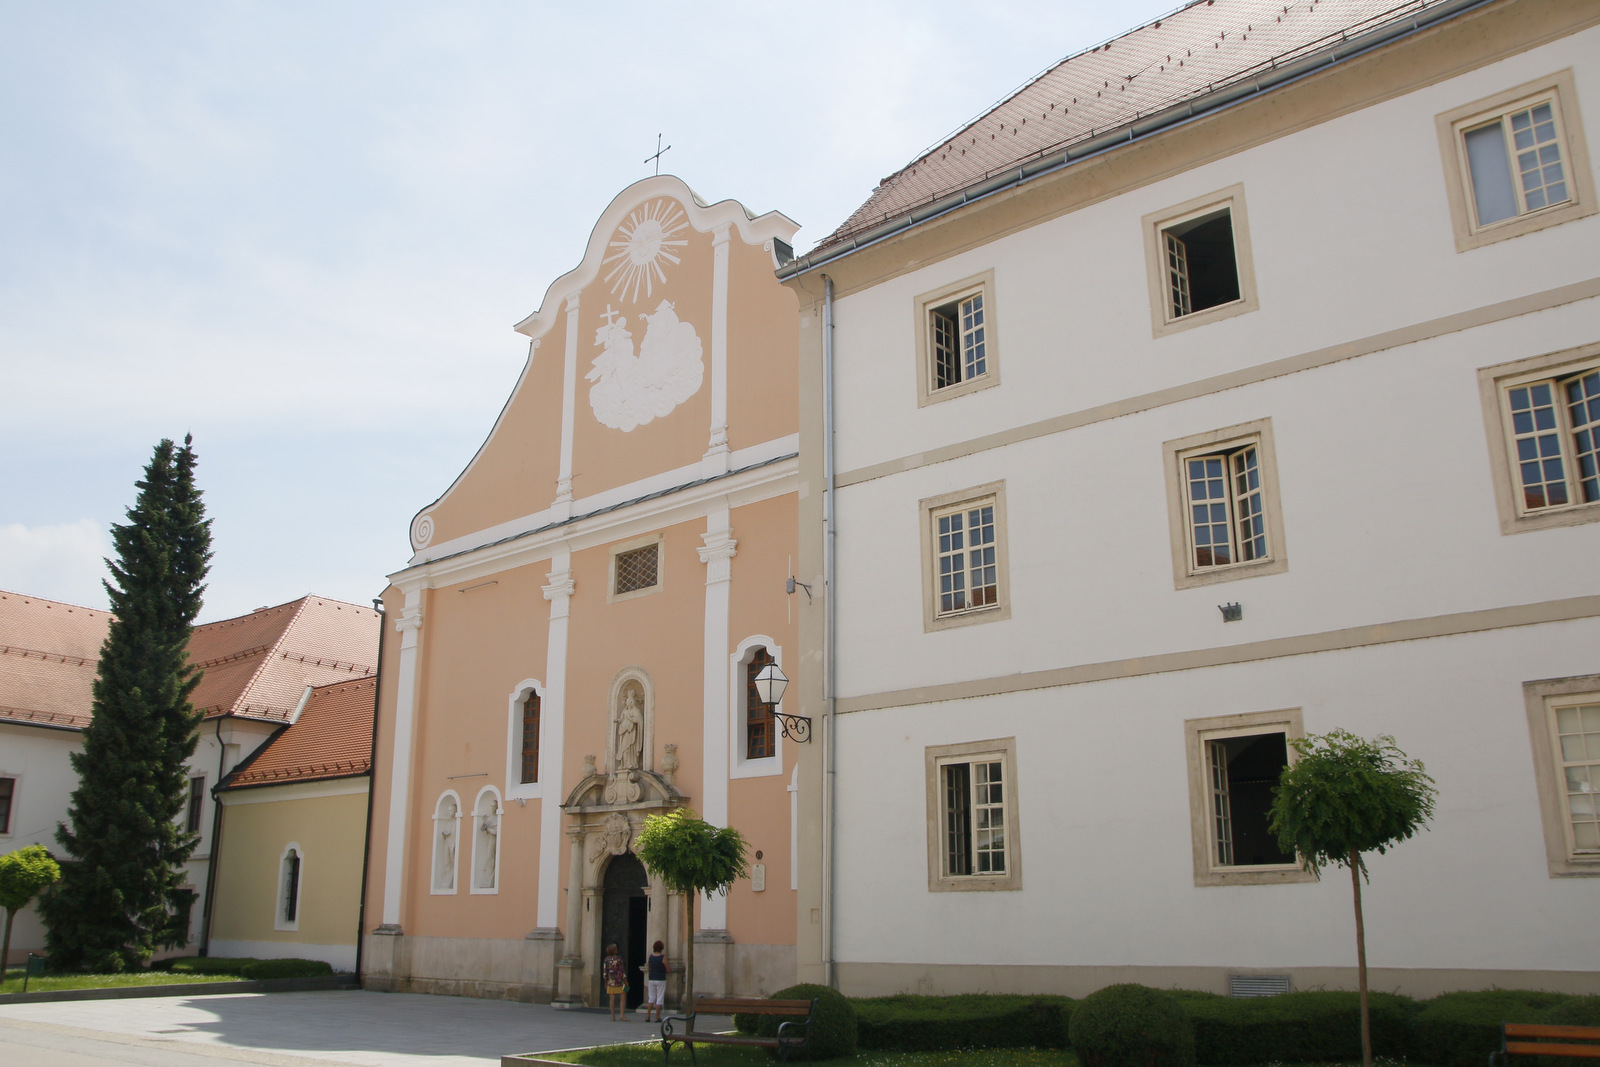 V mestu je več cerkva, Varaždin